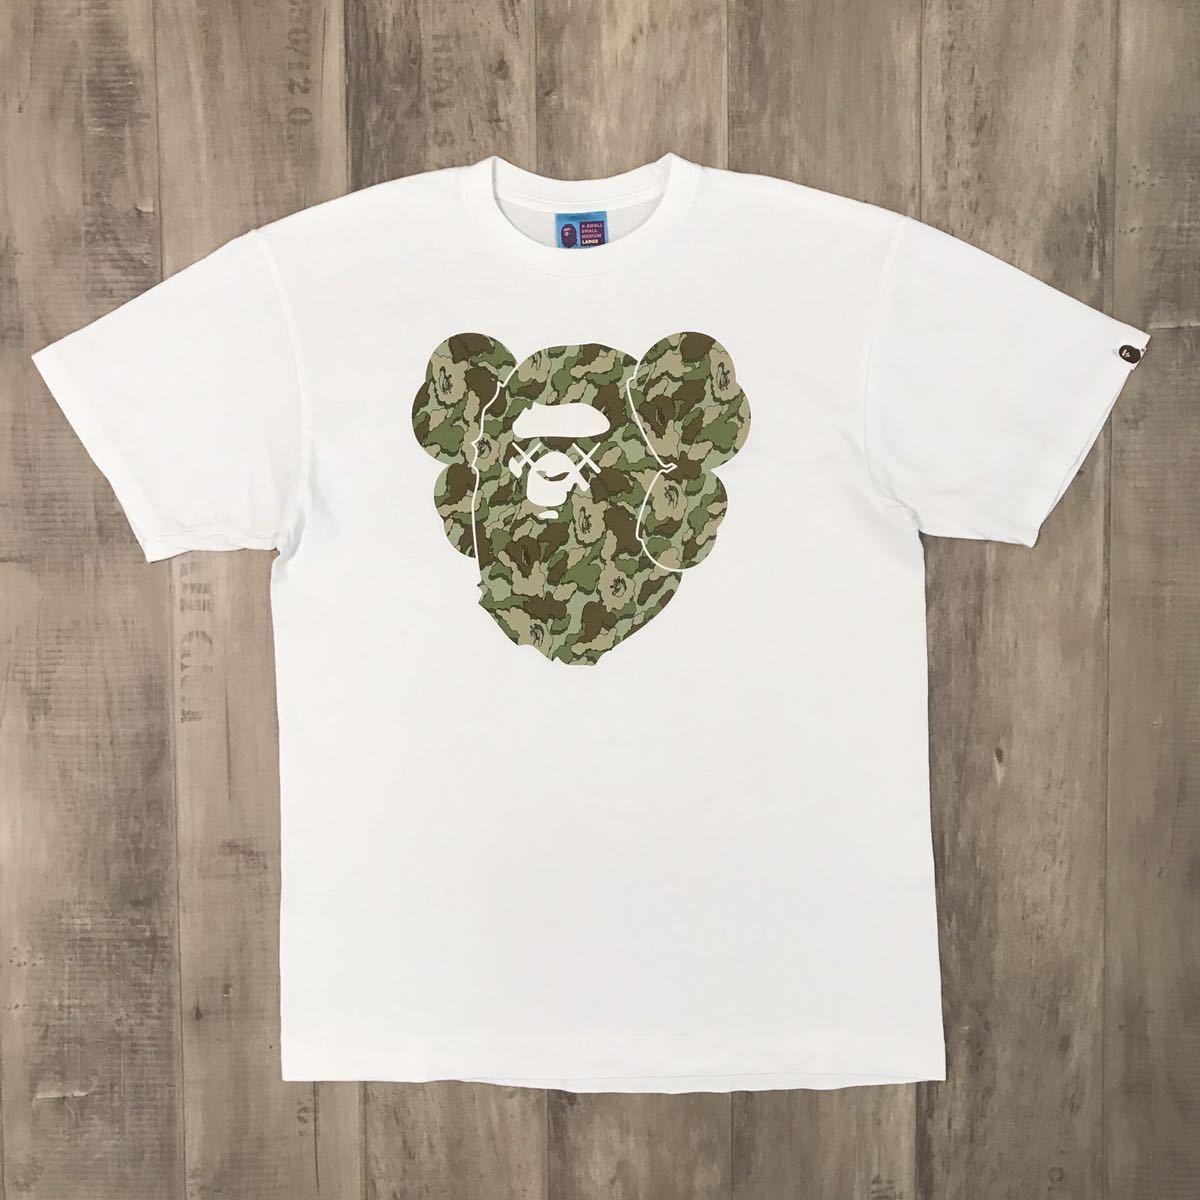 ★激レア★ kaws × bape cloud camo big head Tシャツ Lサイズ a bathing ape カウズ エイプ ベイプ アベイシングエイプ 迷彩 nigo 3252_画像1